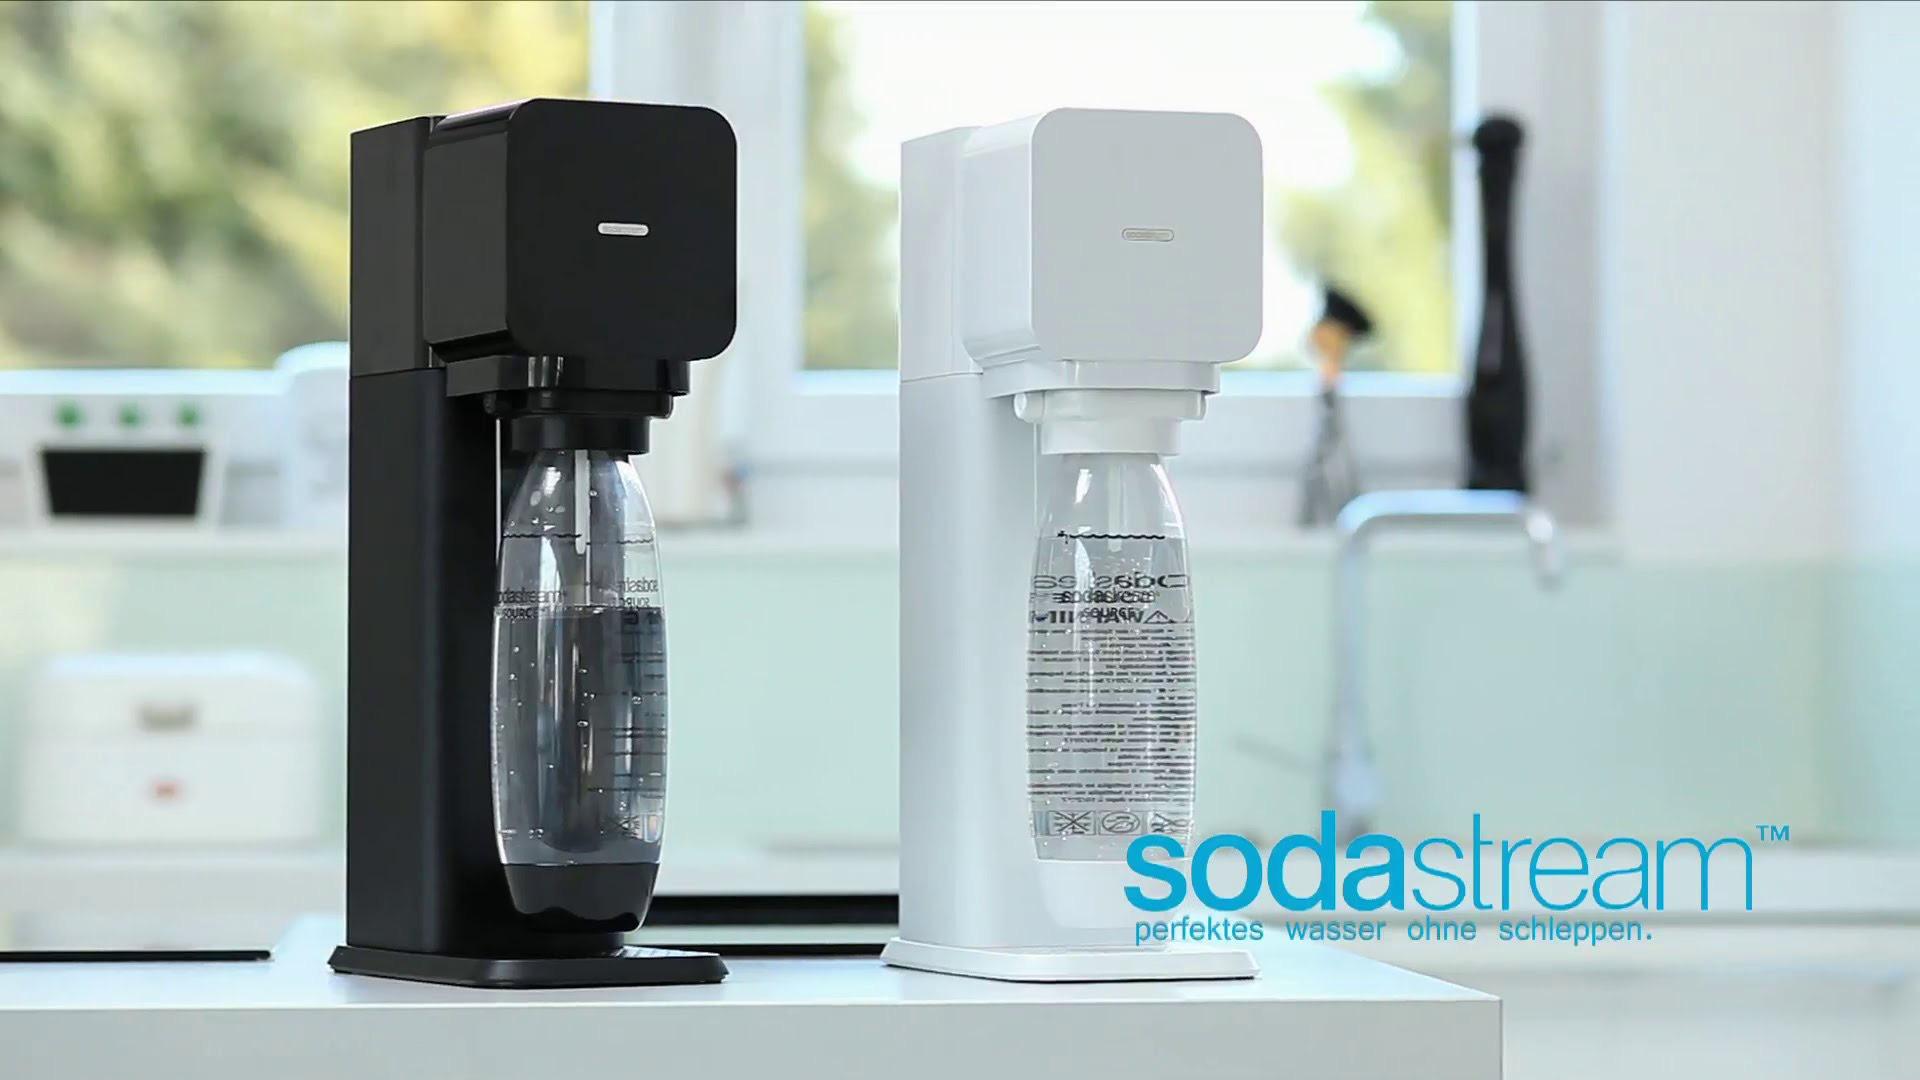 百事32亿美元收购家用碳酸饮料设备公司SodaStream 继续缓解百事焦虑